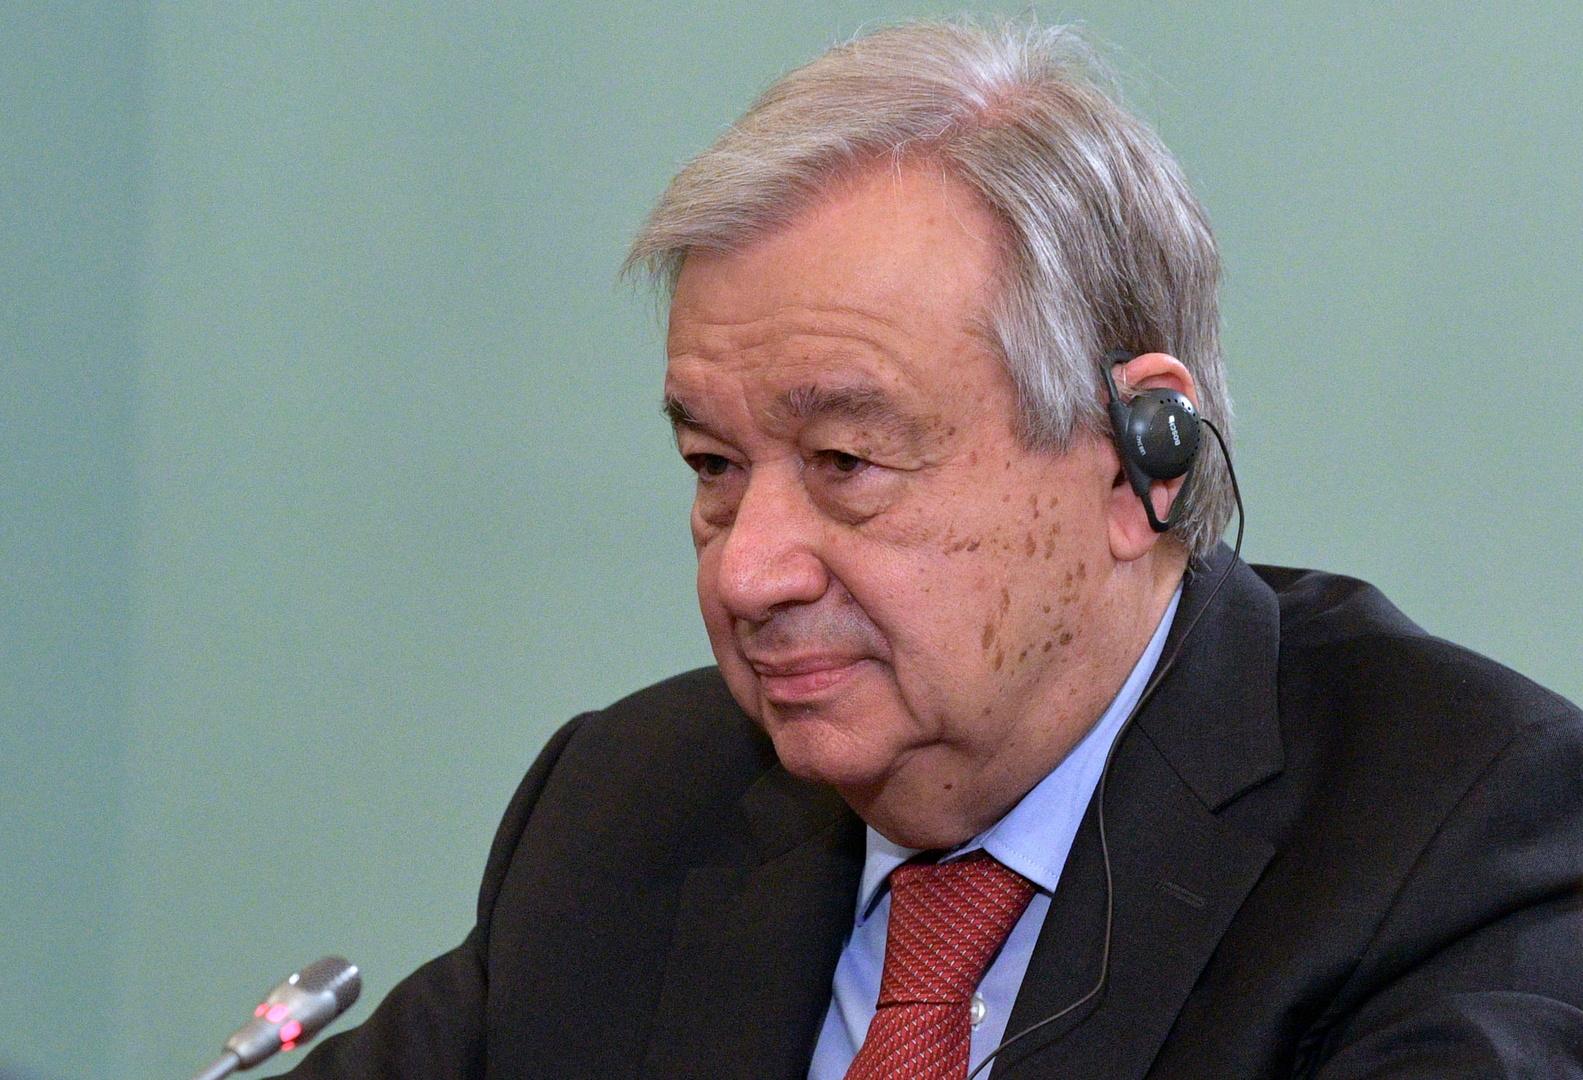 الأمين العام للأمم المتحدة ينتقد تصرفات قوات إفريقيا الوسطى